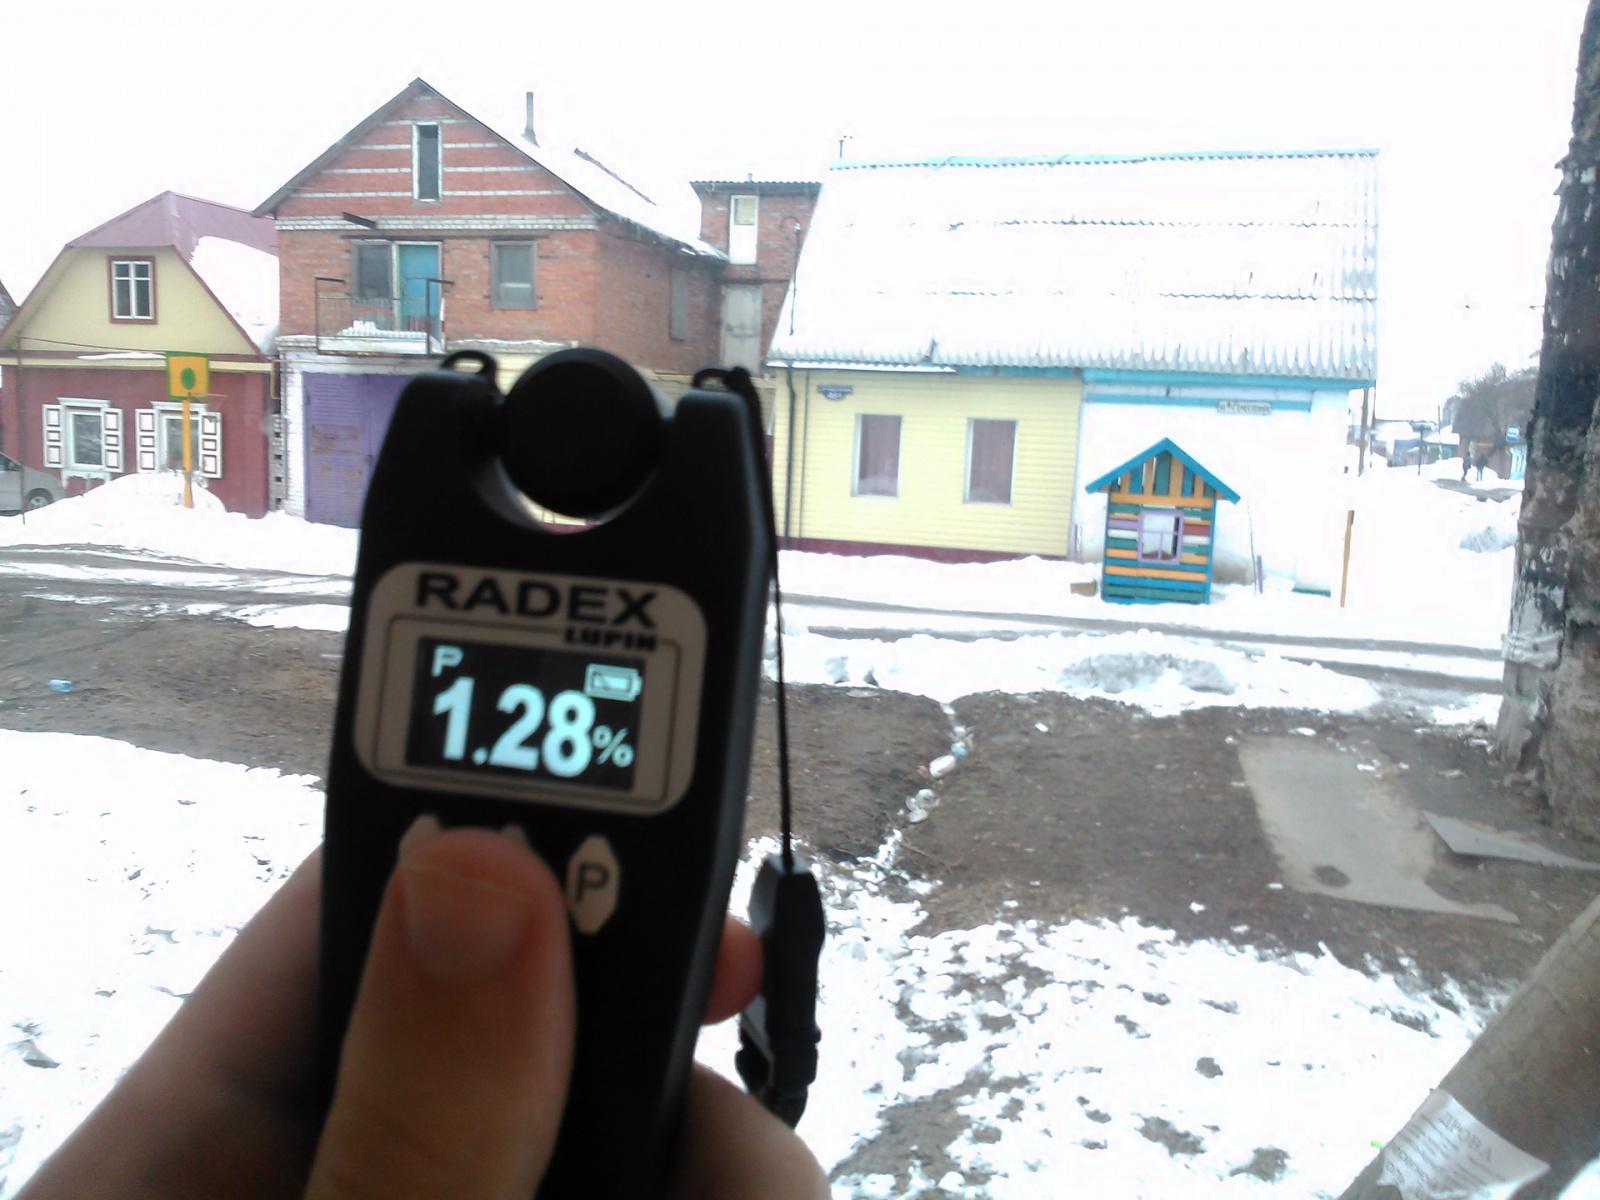 Radex Lupin: Когда свет можно посчитать - 22